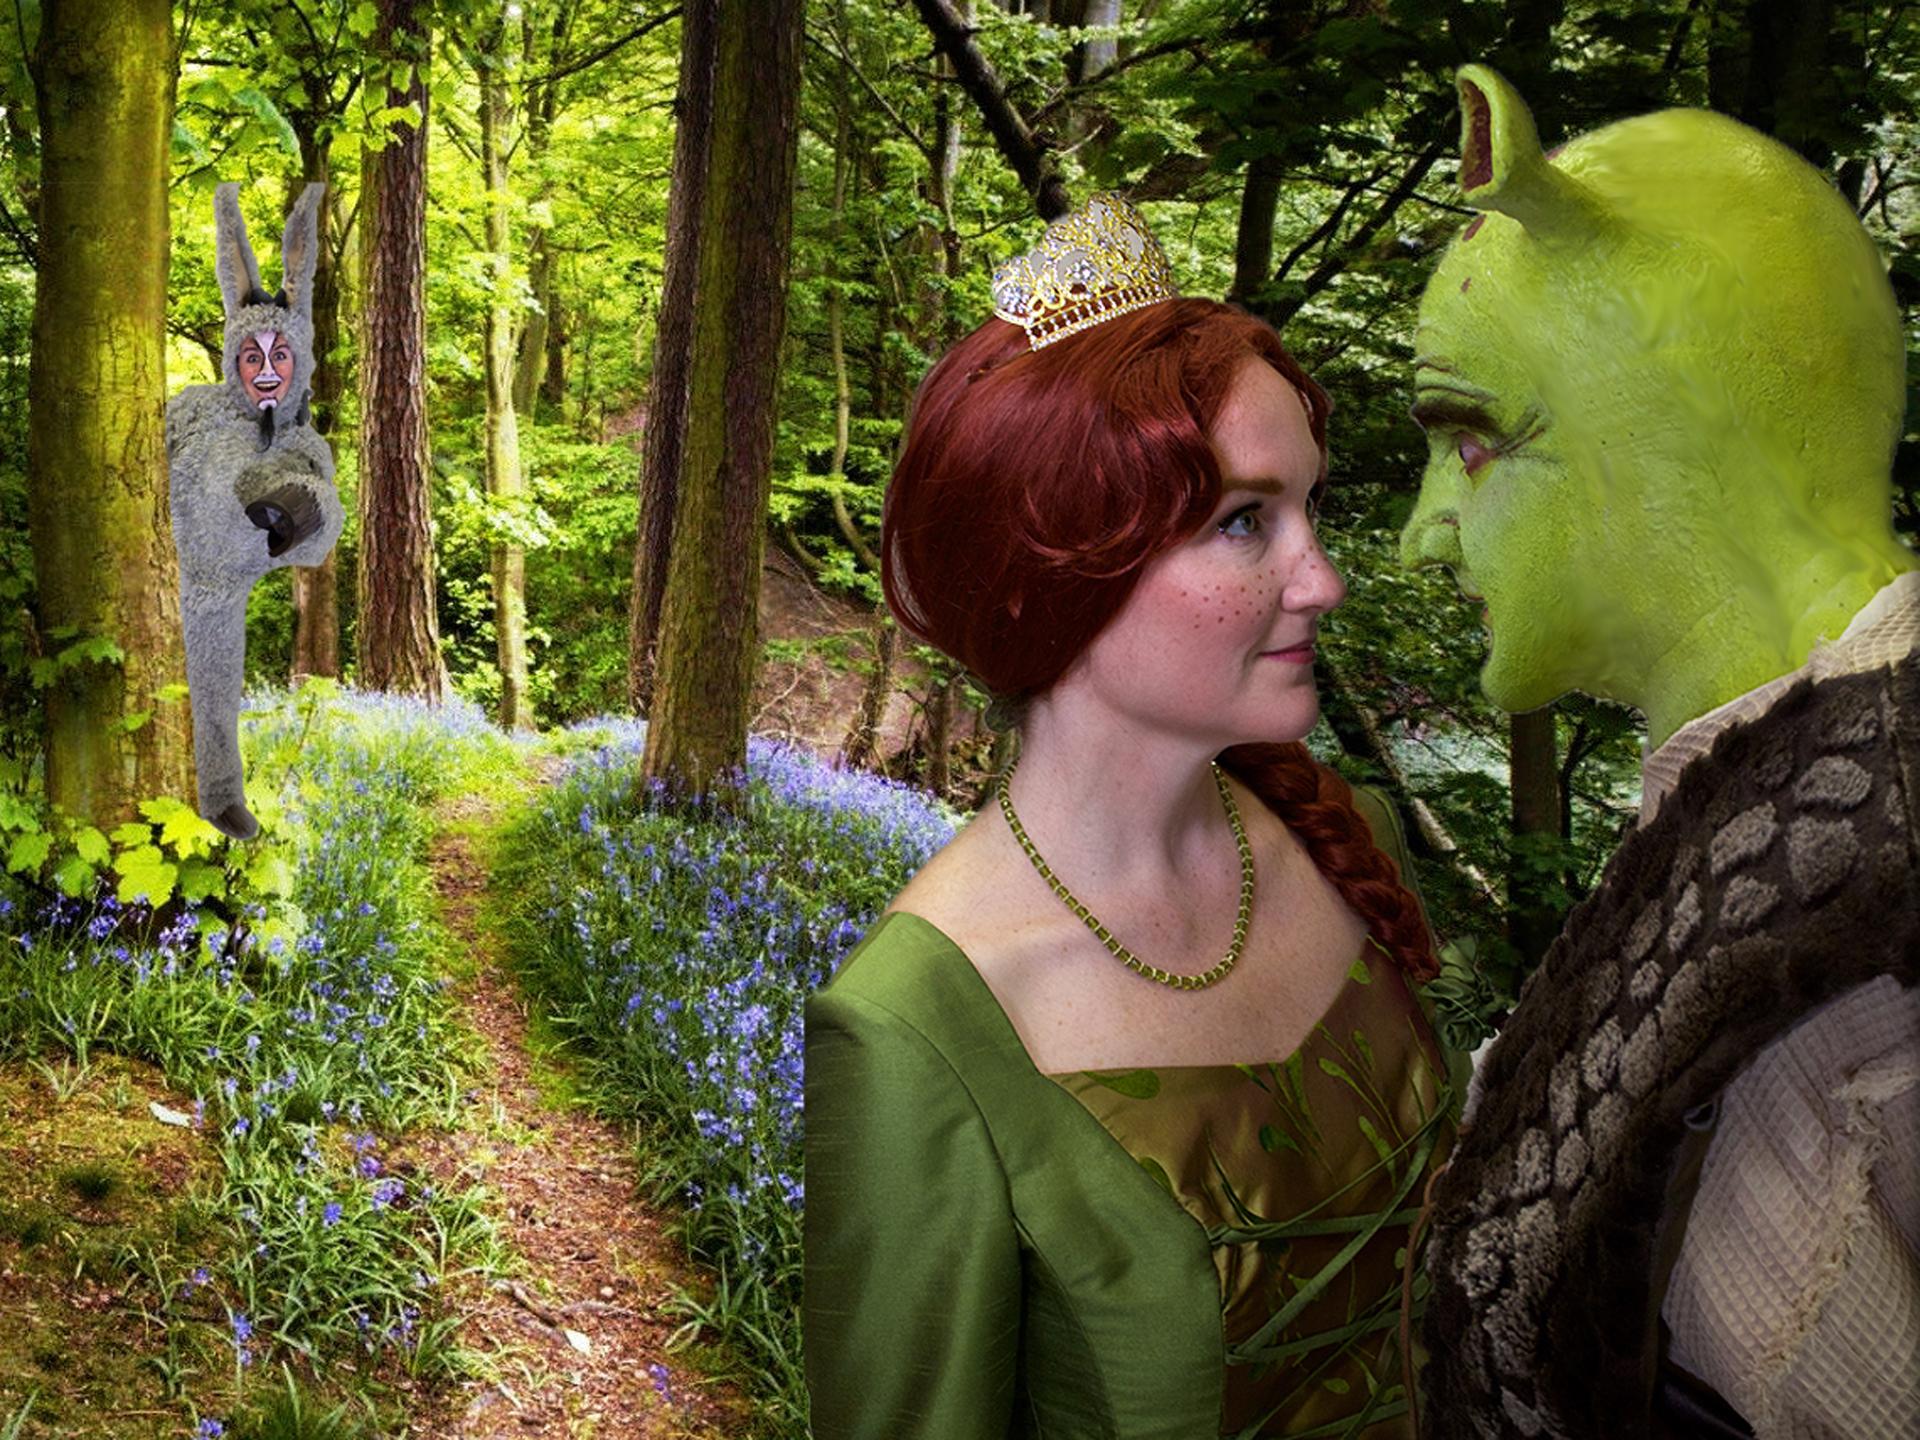 Shrek Fiona Donkey